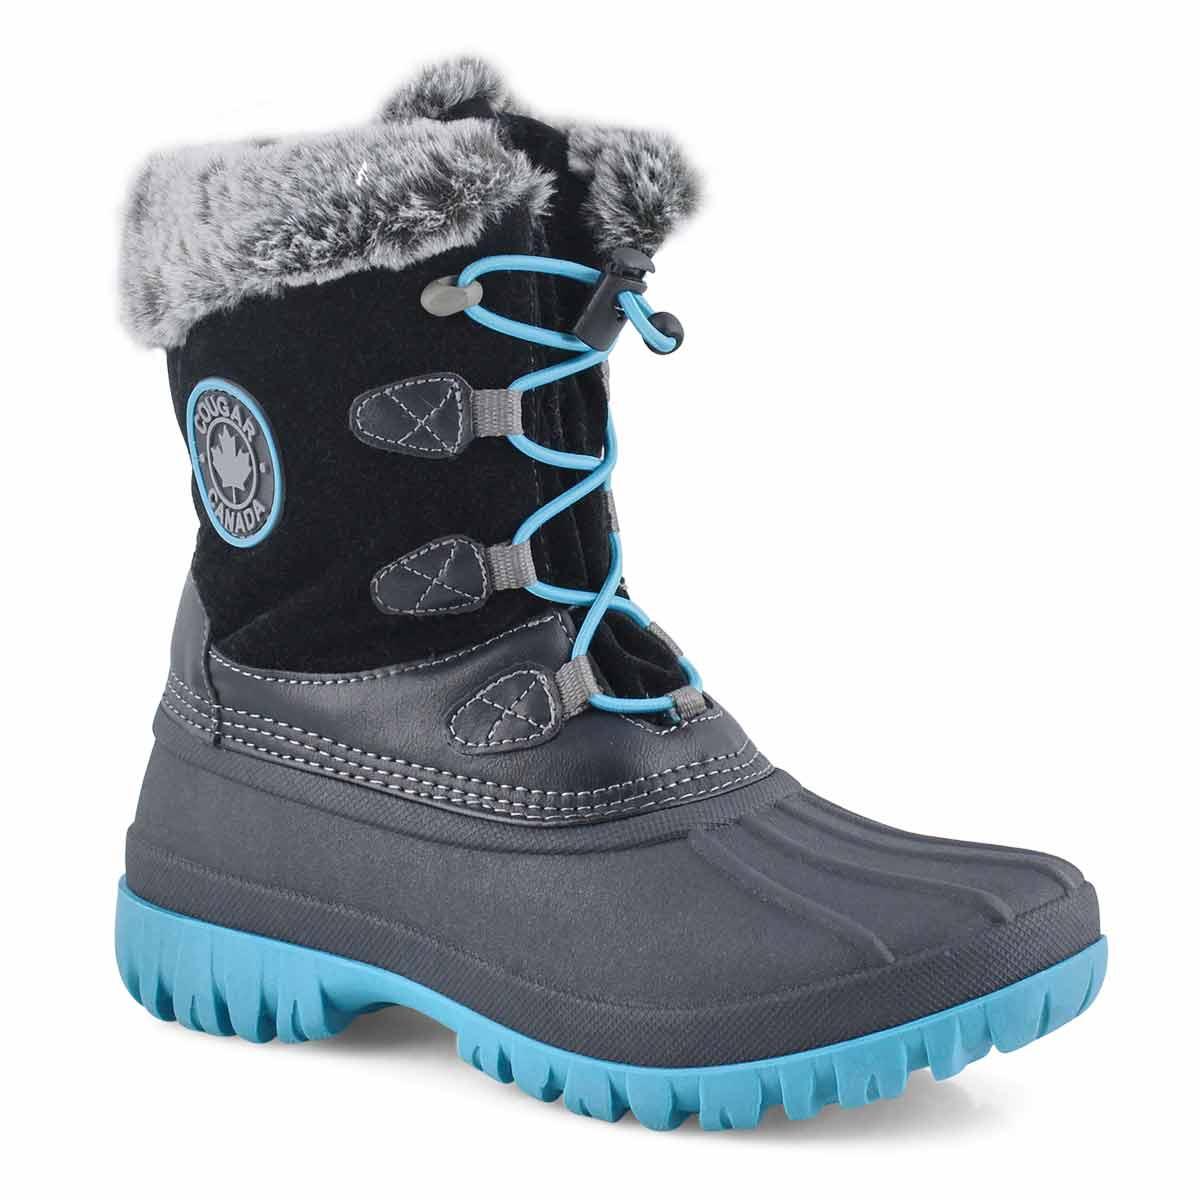 Girls' COLETTE 2 black waterproof winter boots